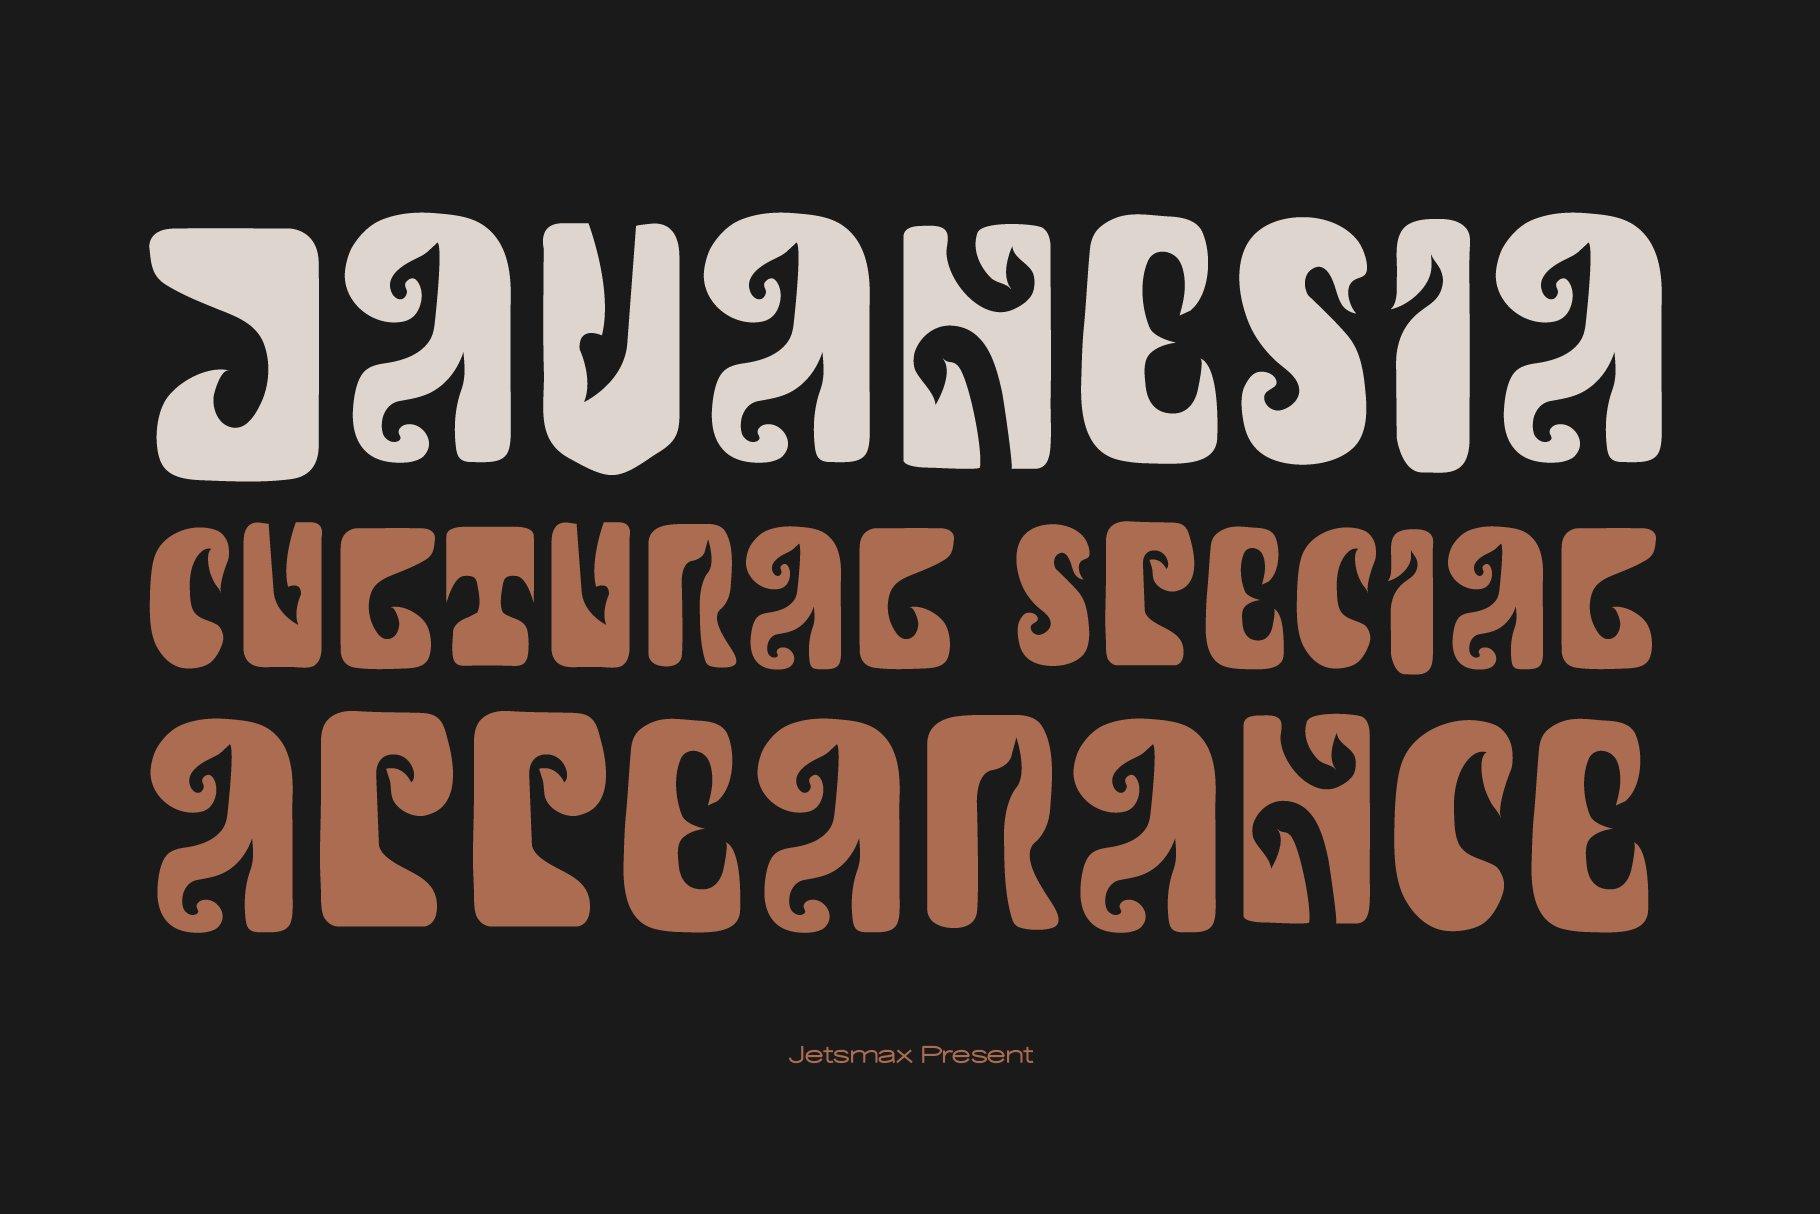 印度尼西亚风品牌徽标Logo海报标题设计手绘英文字体素材 Javanesia Font插图